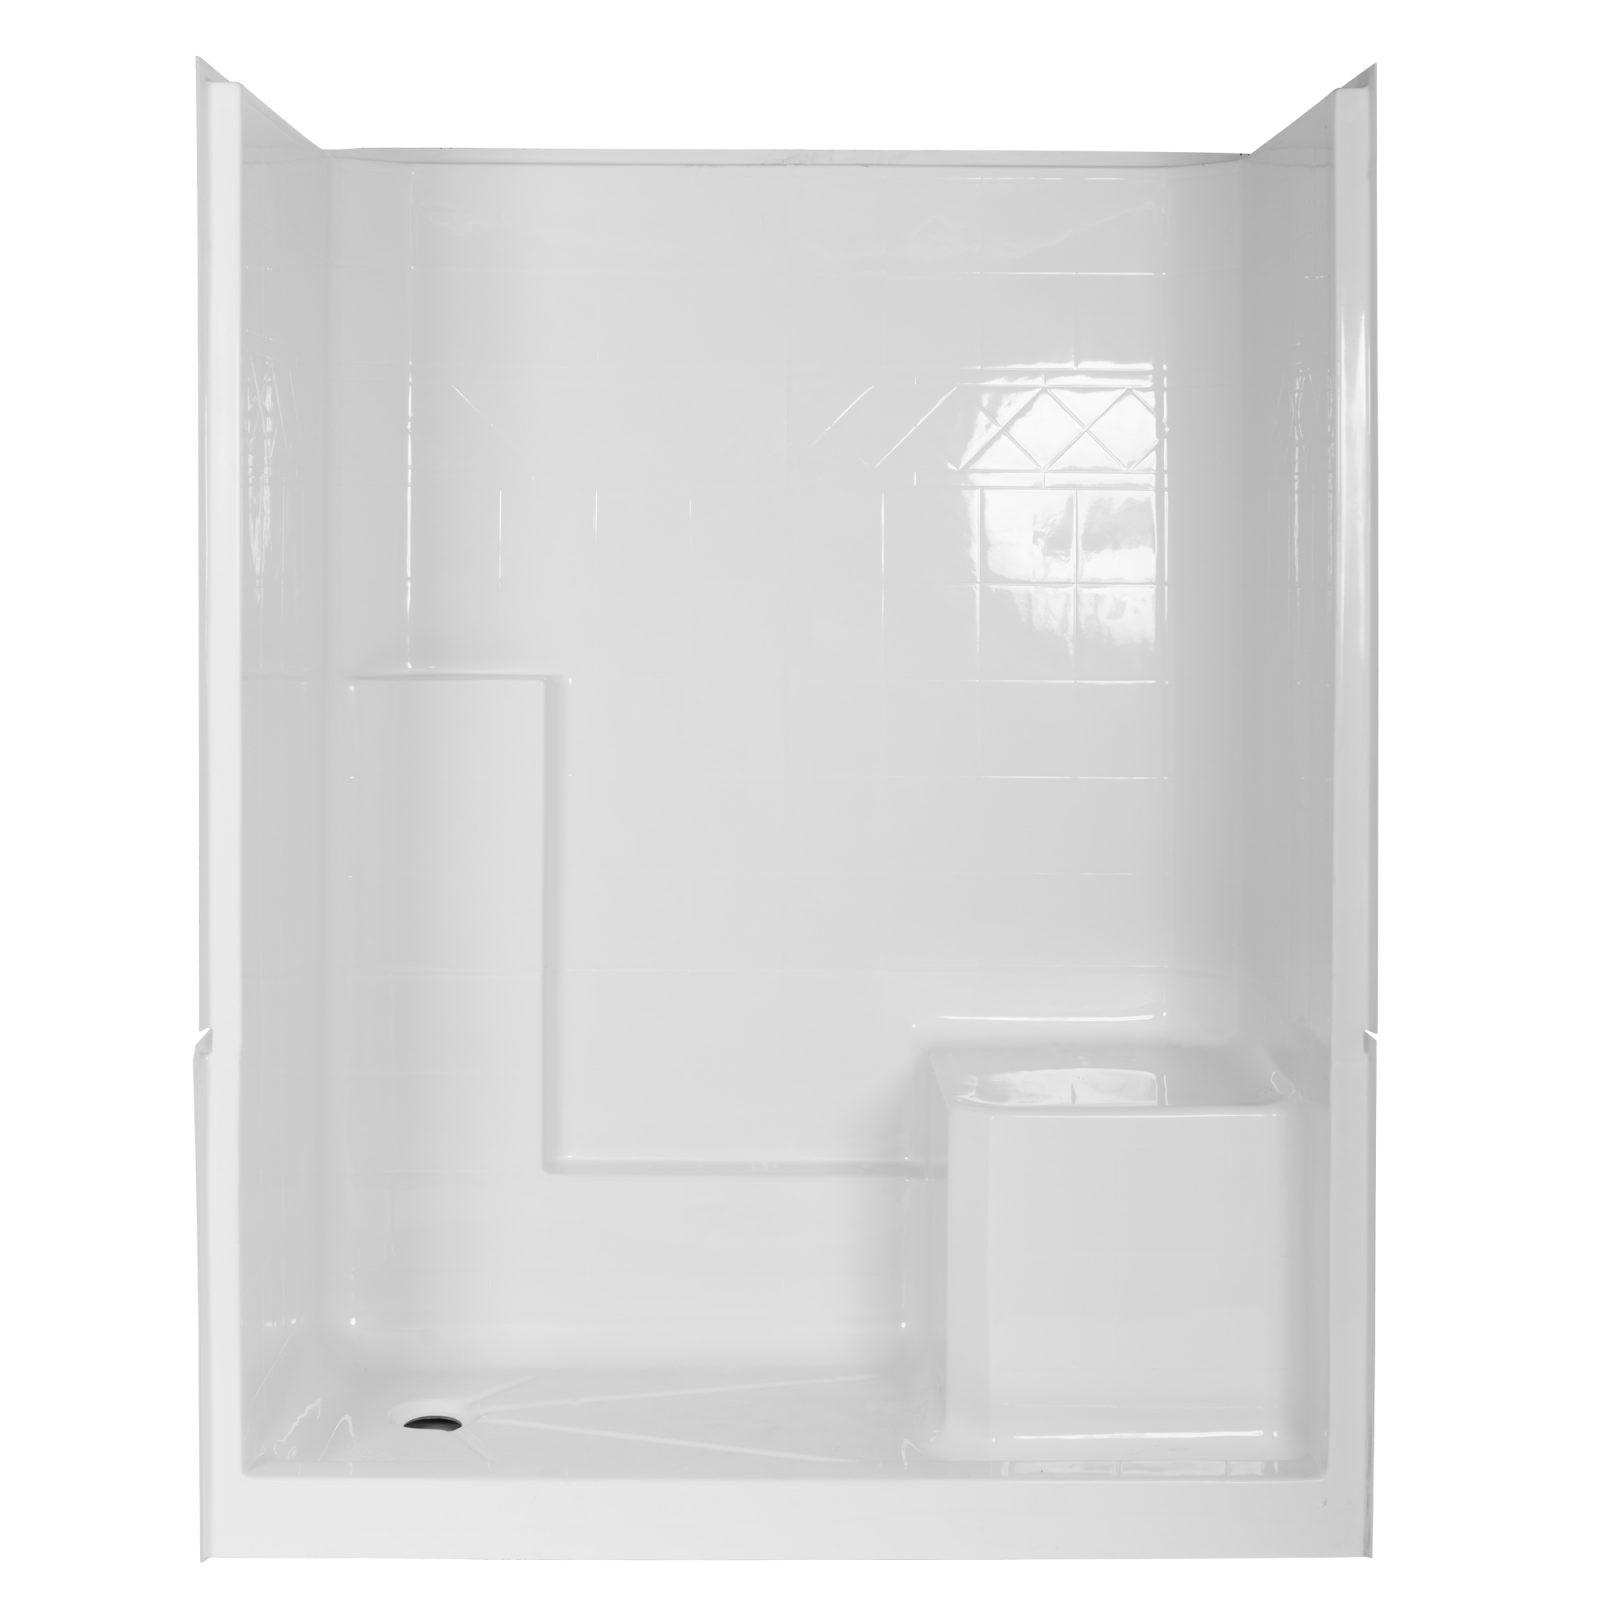 Image Result For Bath Size Shower Enclosures